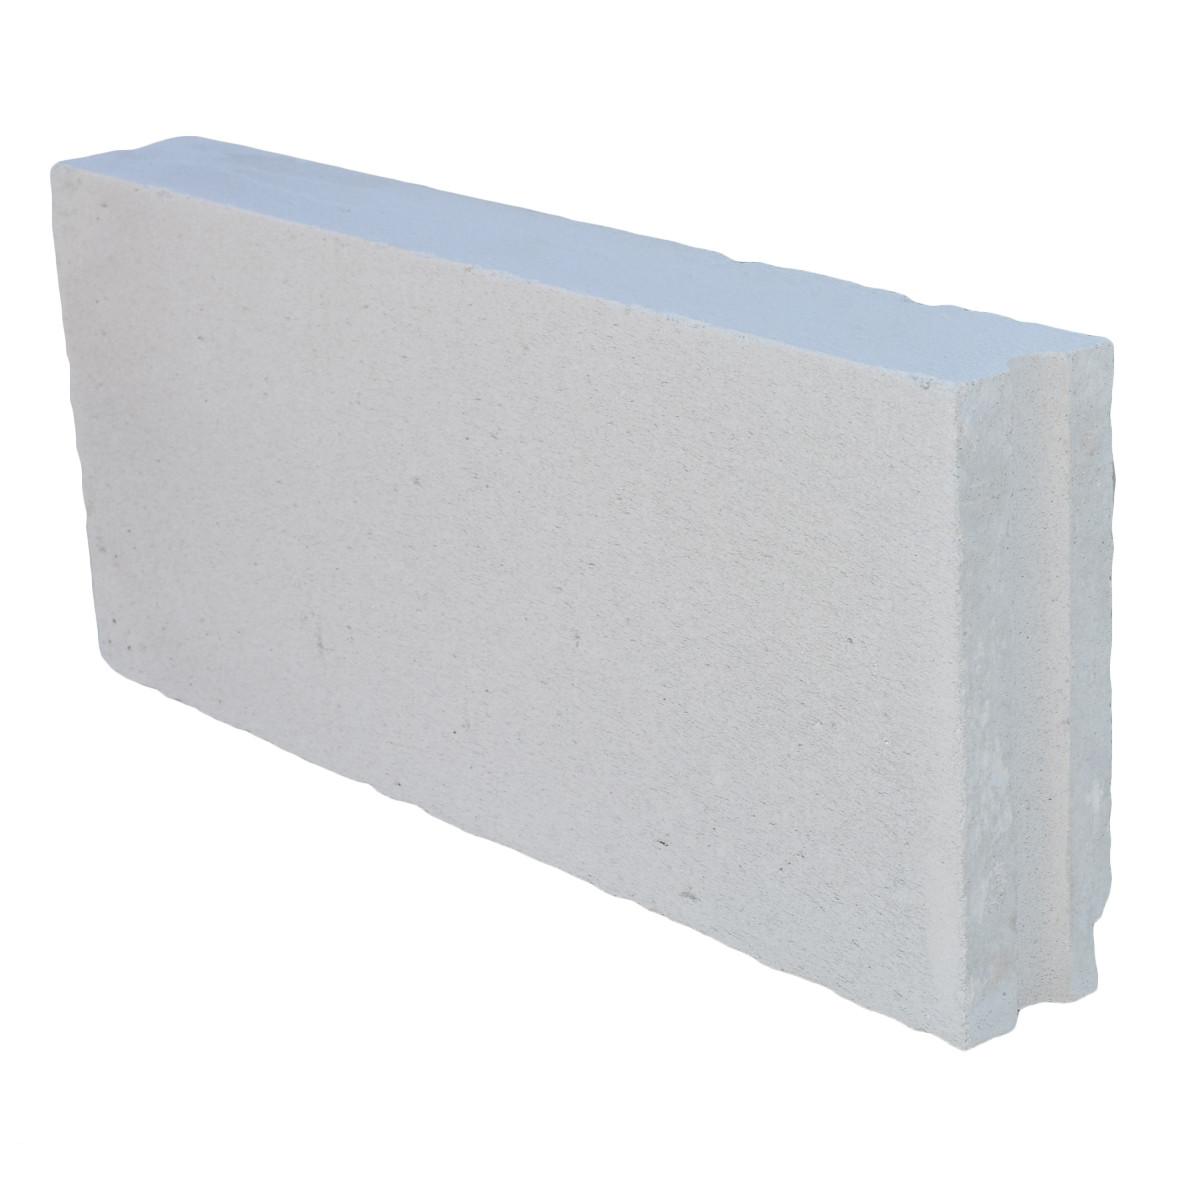 Lampadari e plafoniere mercatone uno for Balaustre in cemento leroy merlin